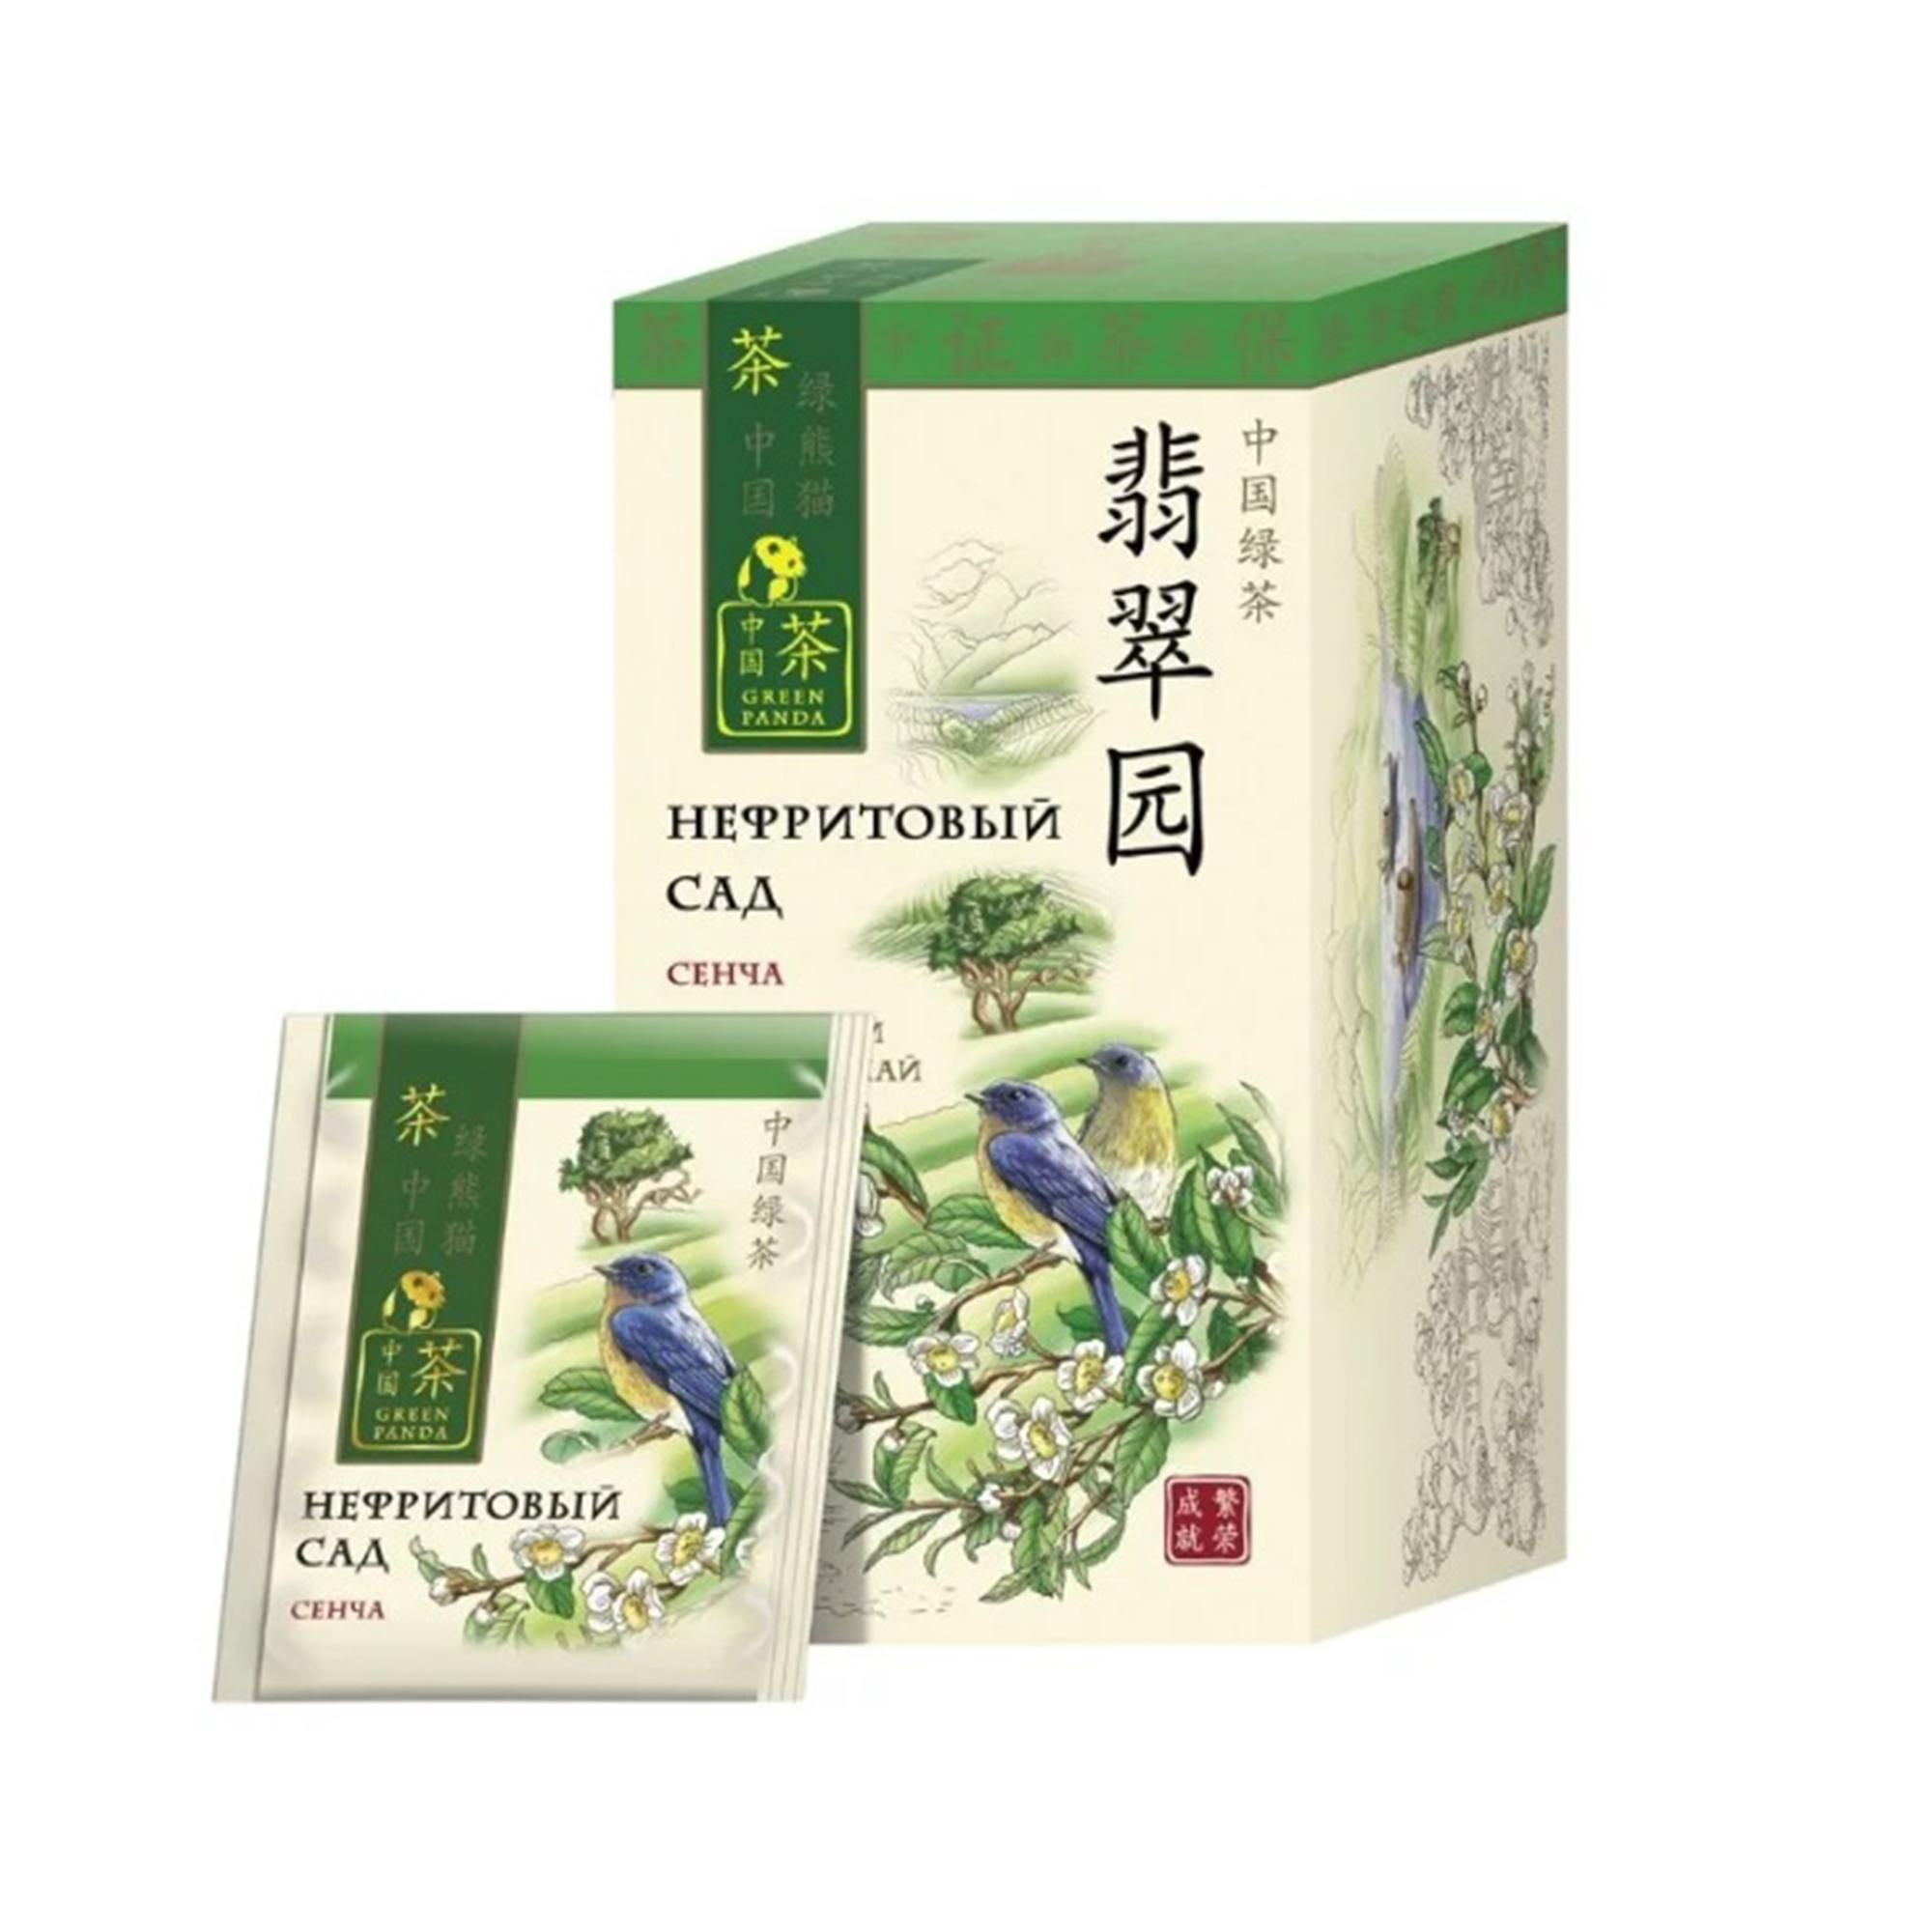 Чай зеленый Зеленая Панда Нефритовый сад Сенча 25 пакетиков недорого